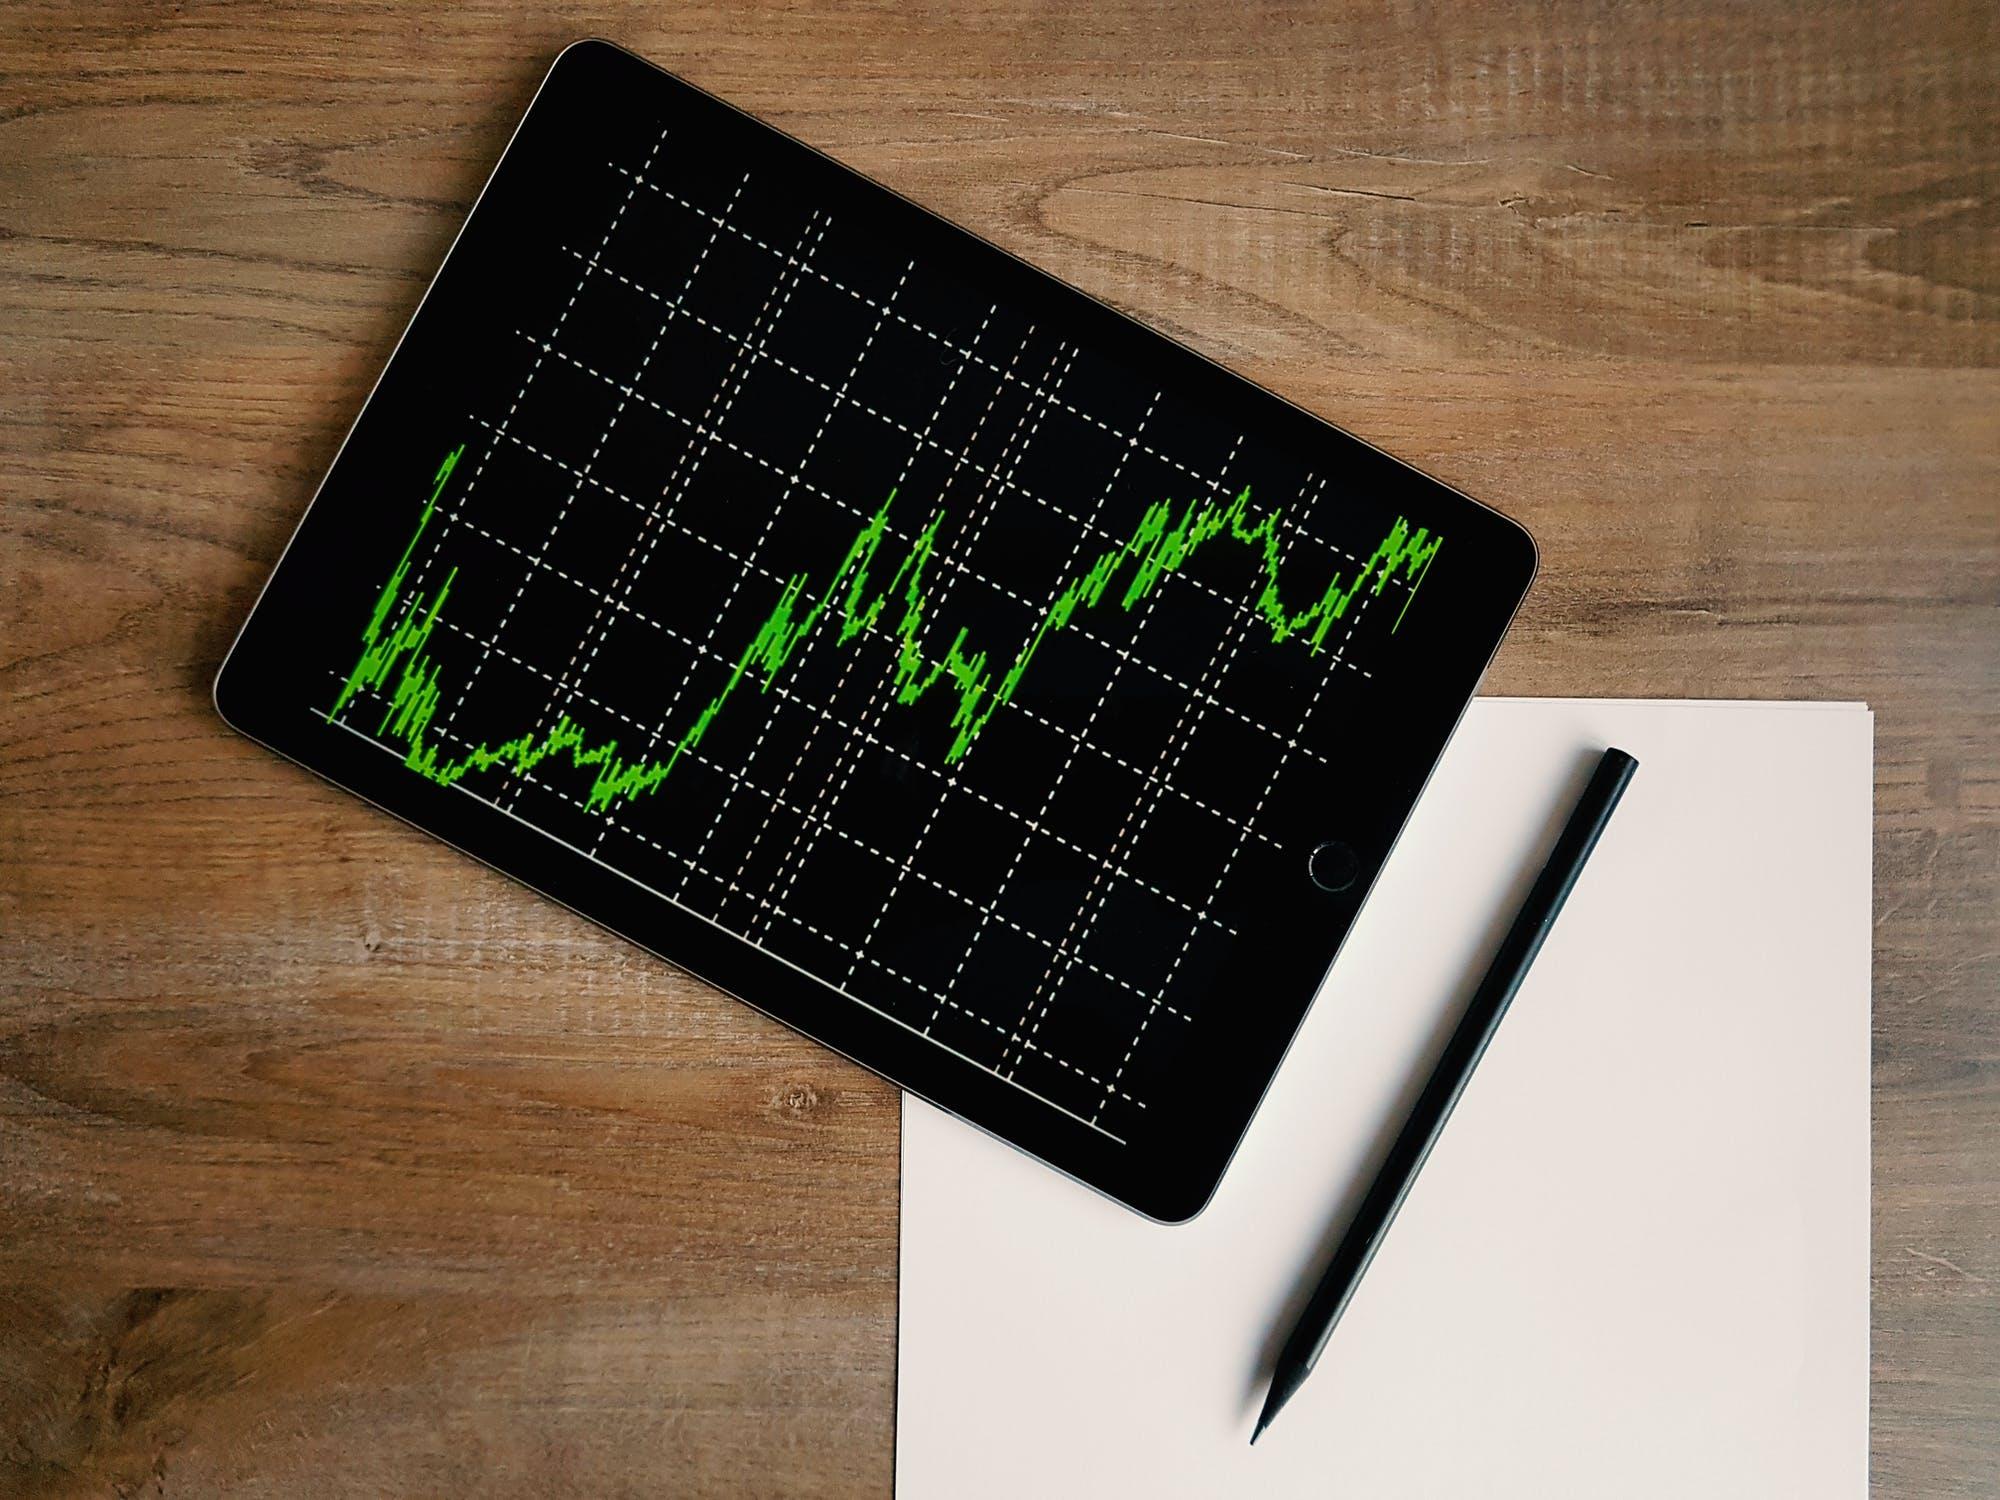 Sobre um mesa um papel, um lápis e um tablet com um gráfico linhas crescente.